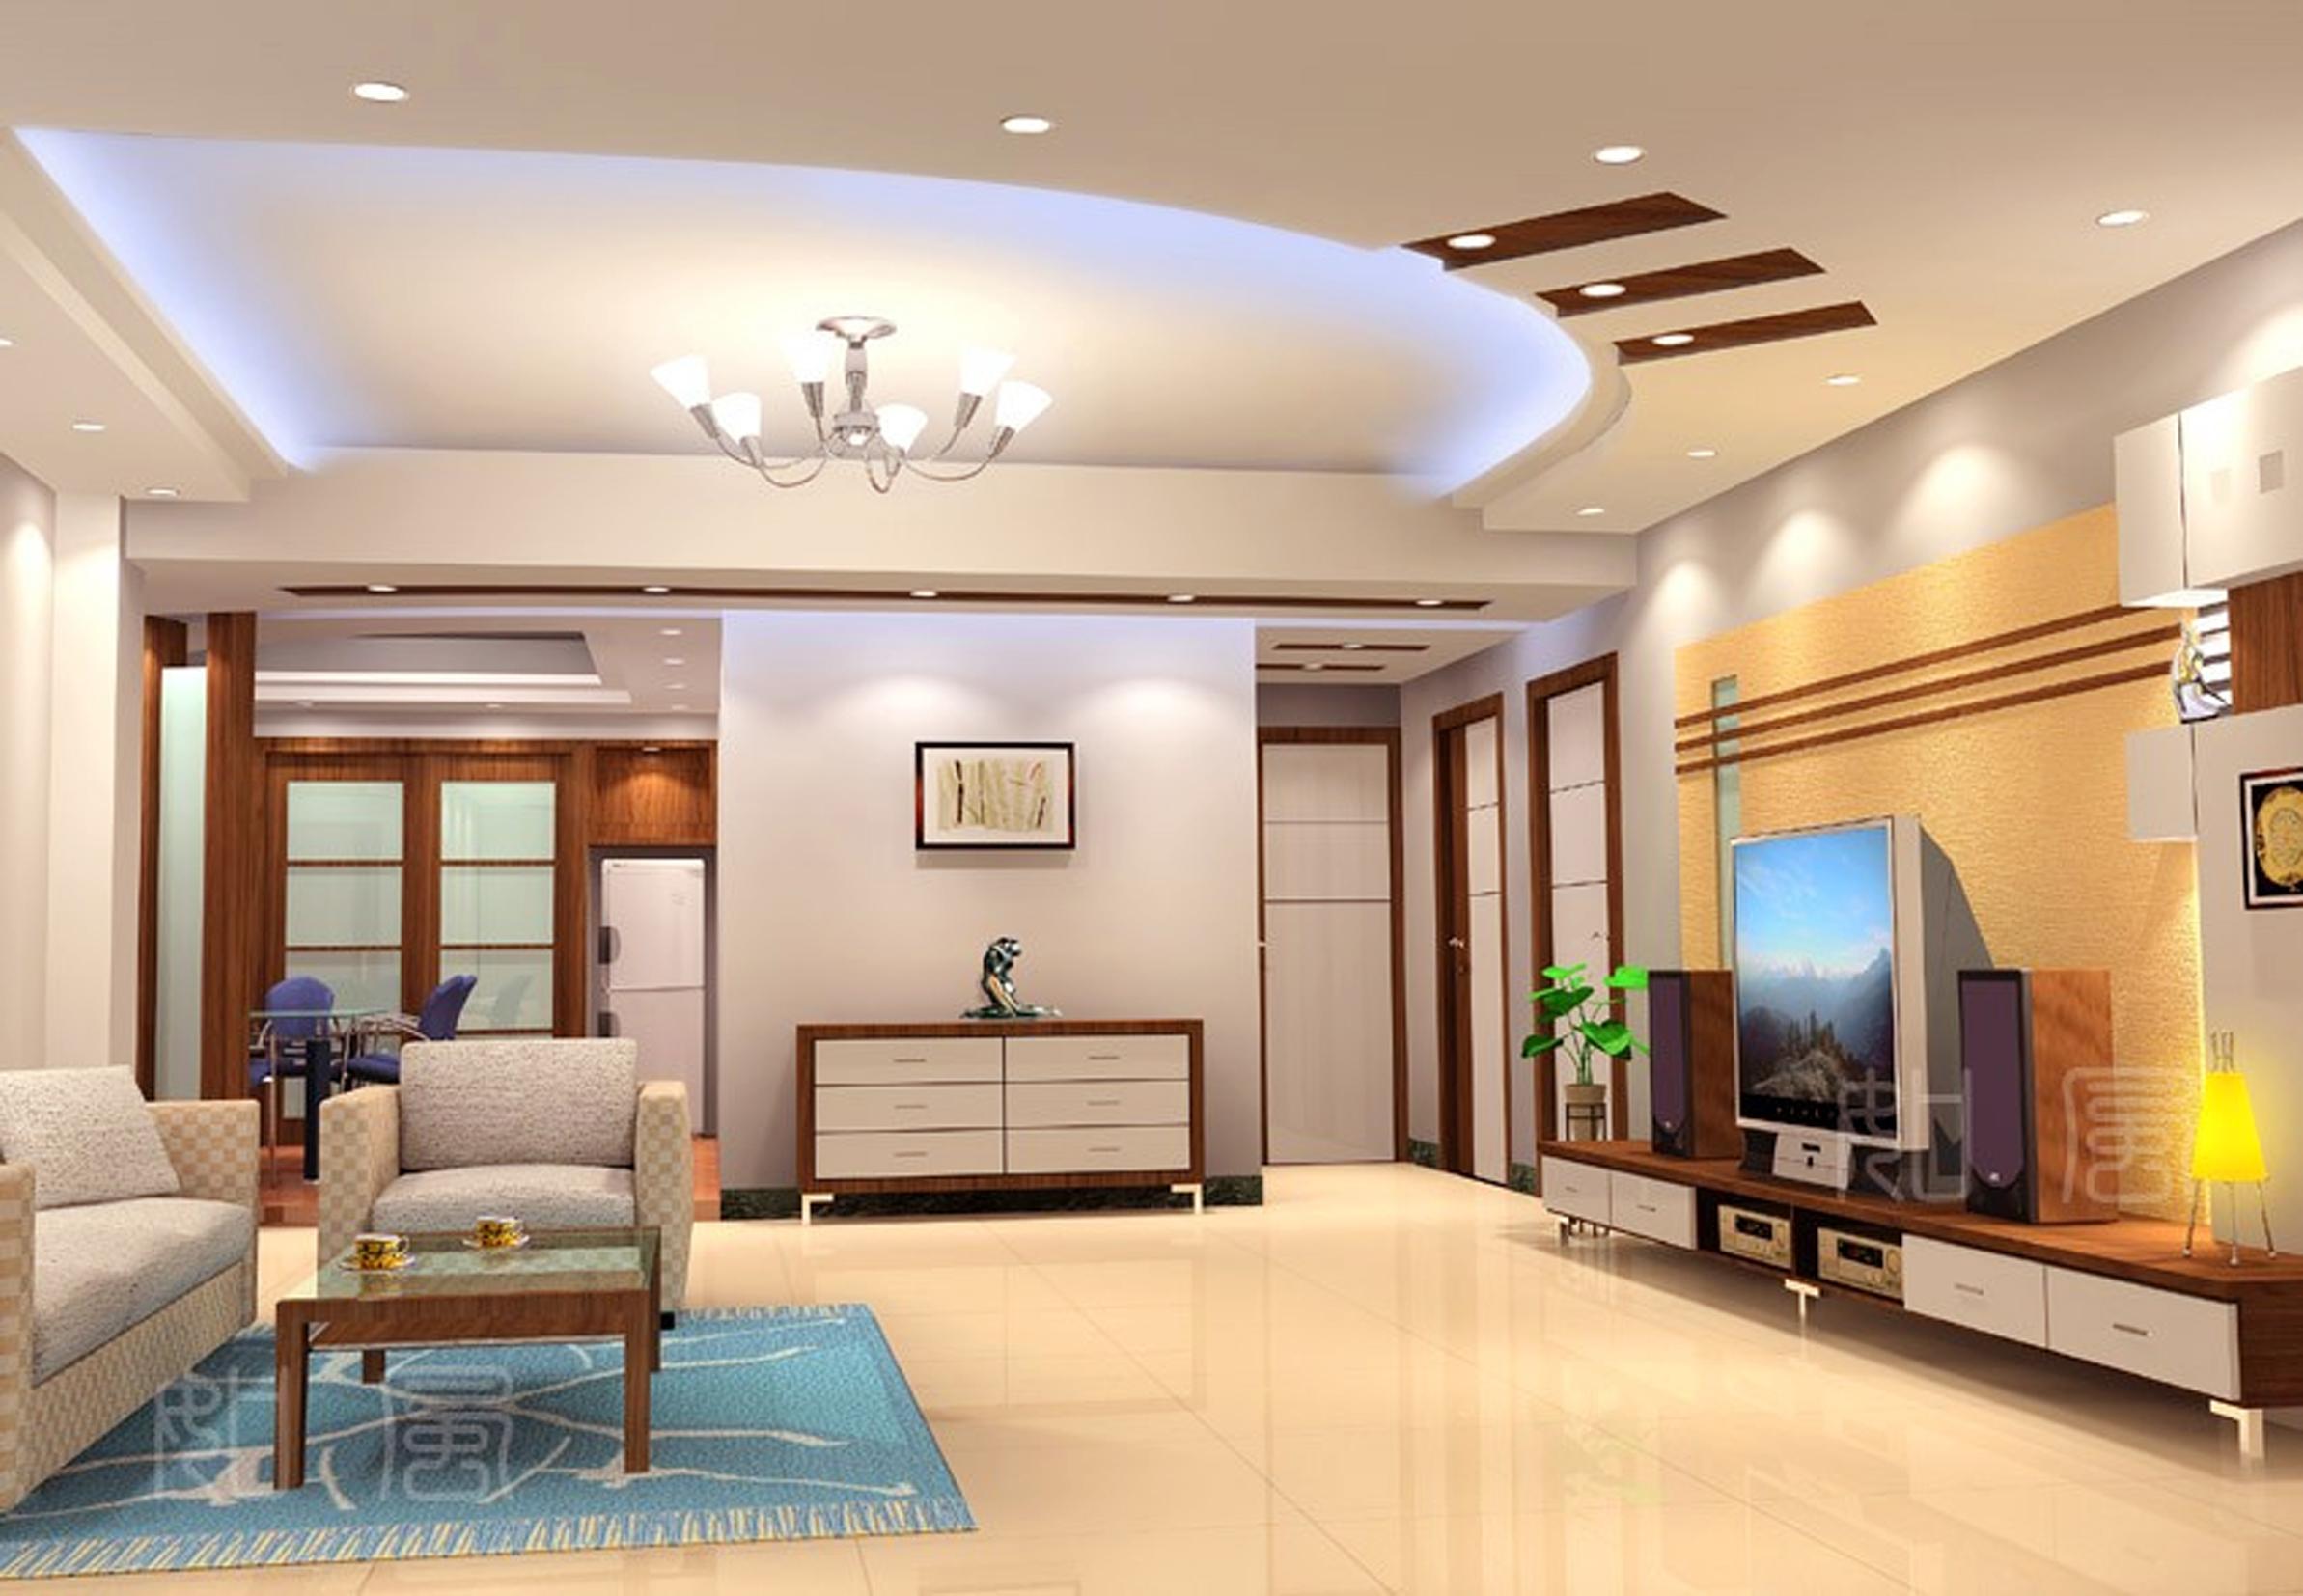 Chung cư Thanh Xuân Complex điểm 10 cho thiết kế